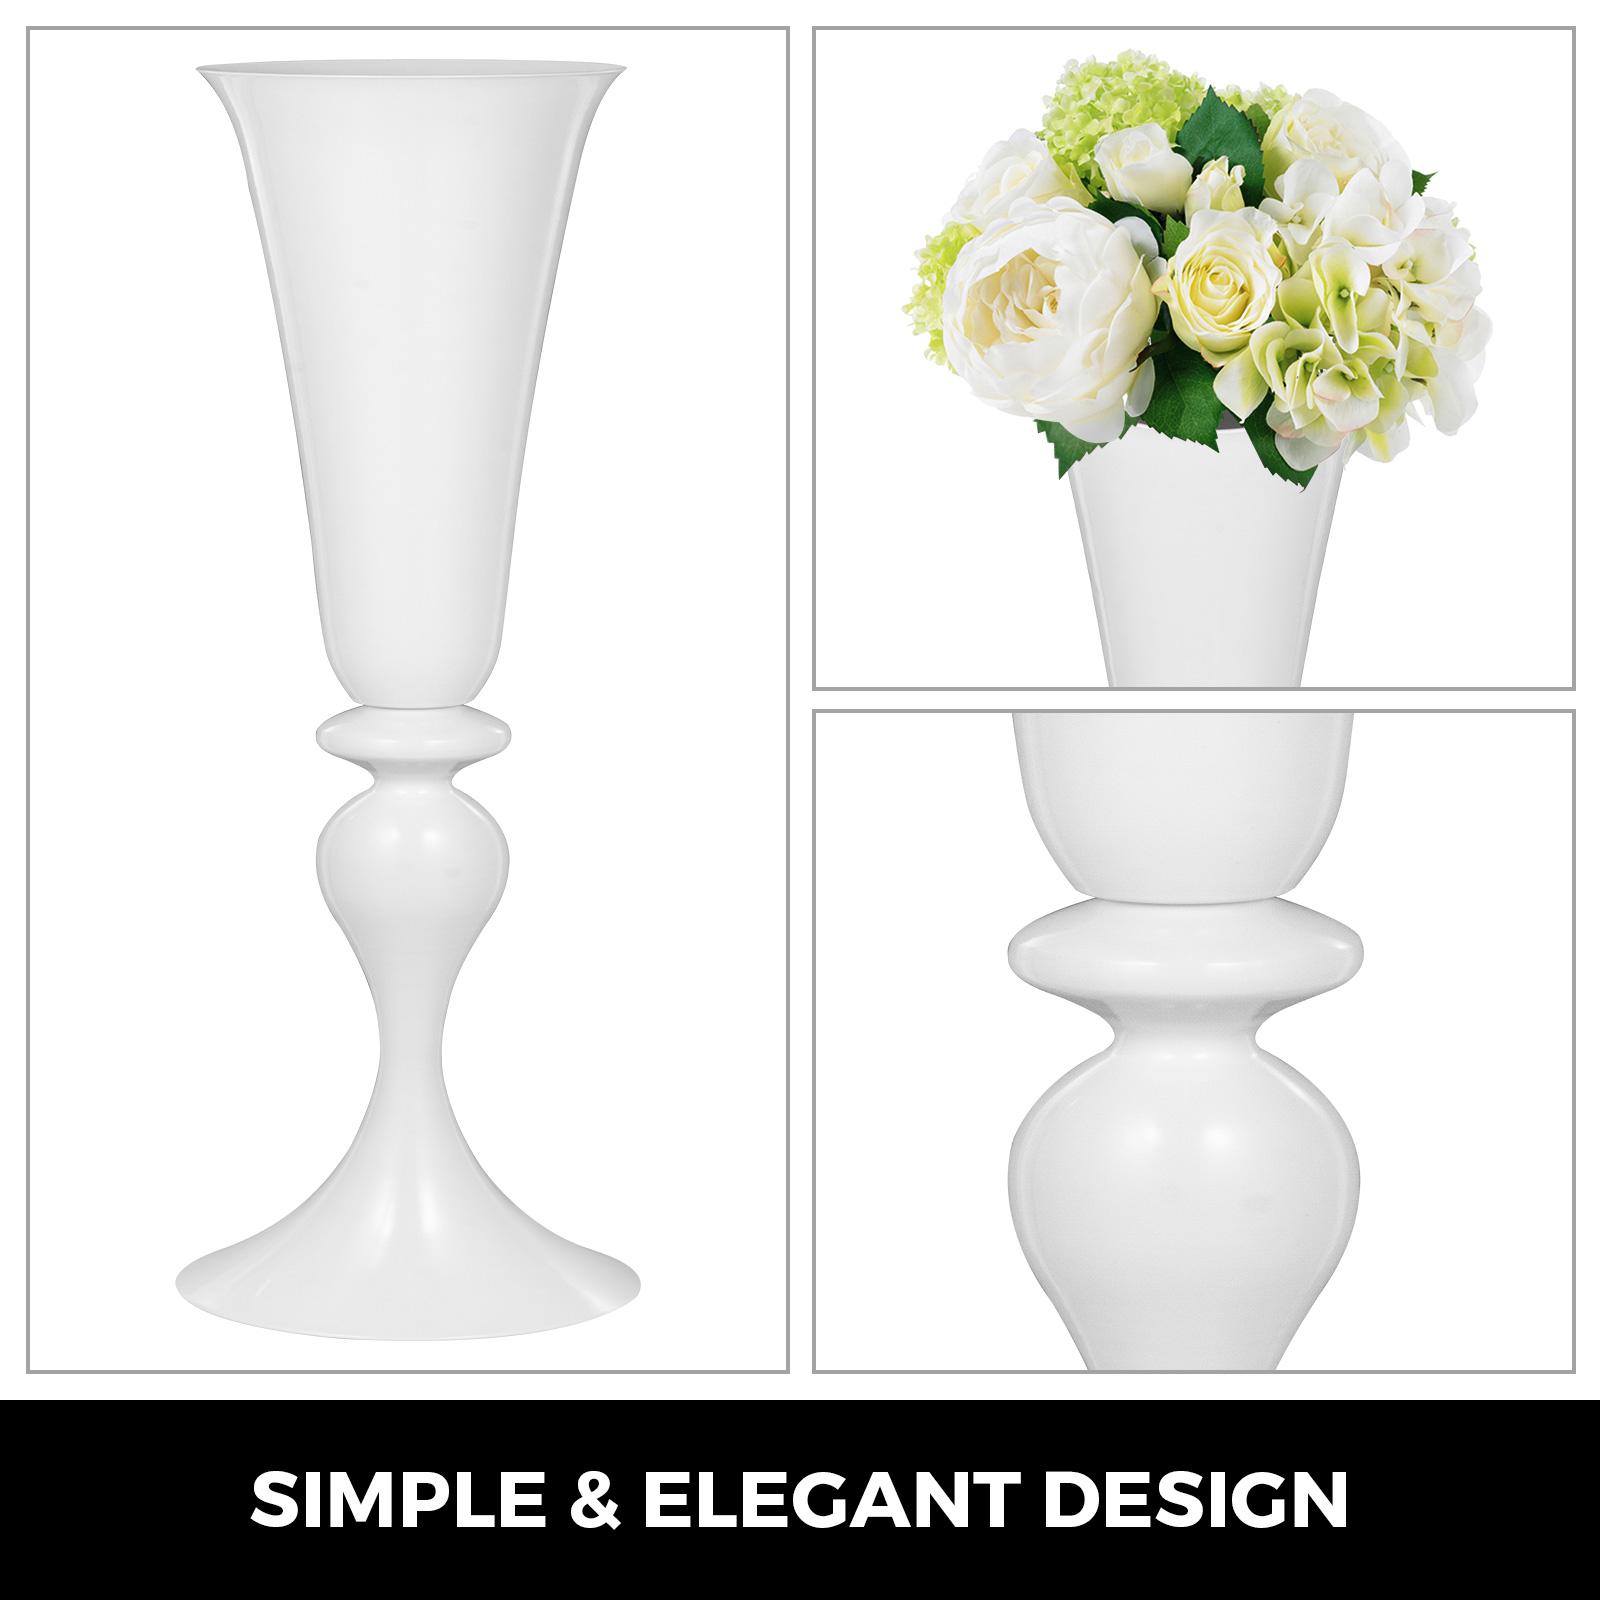 Trumpet-Vase-Flower-Vases-Centerpiece-29-5-034-22-034-for-Party-Celebration-Events thumbnail 76